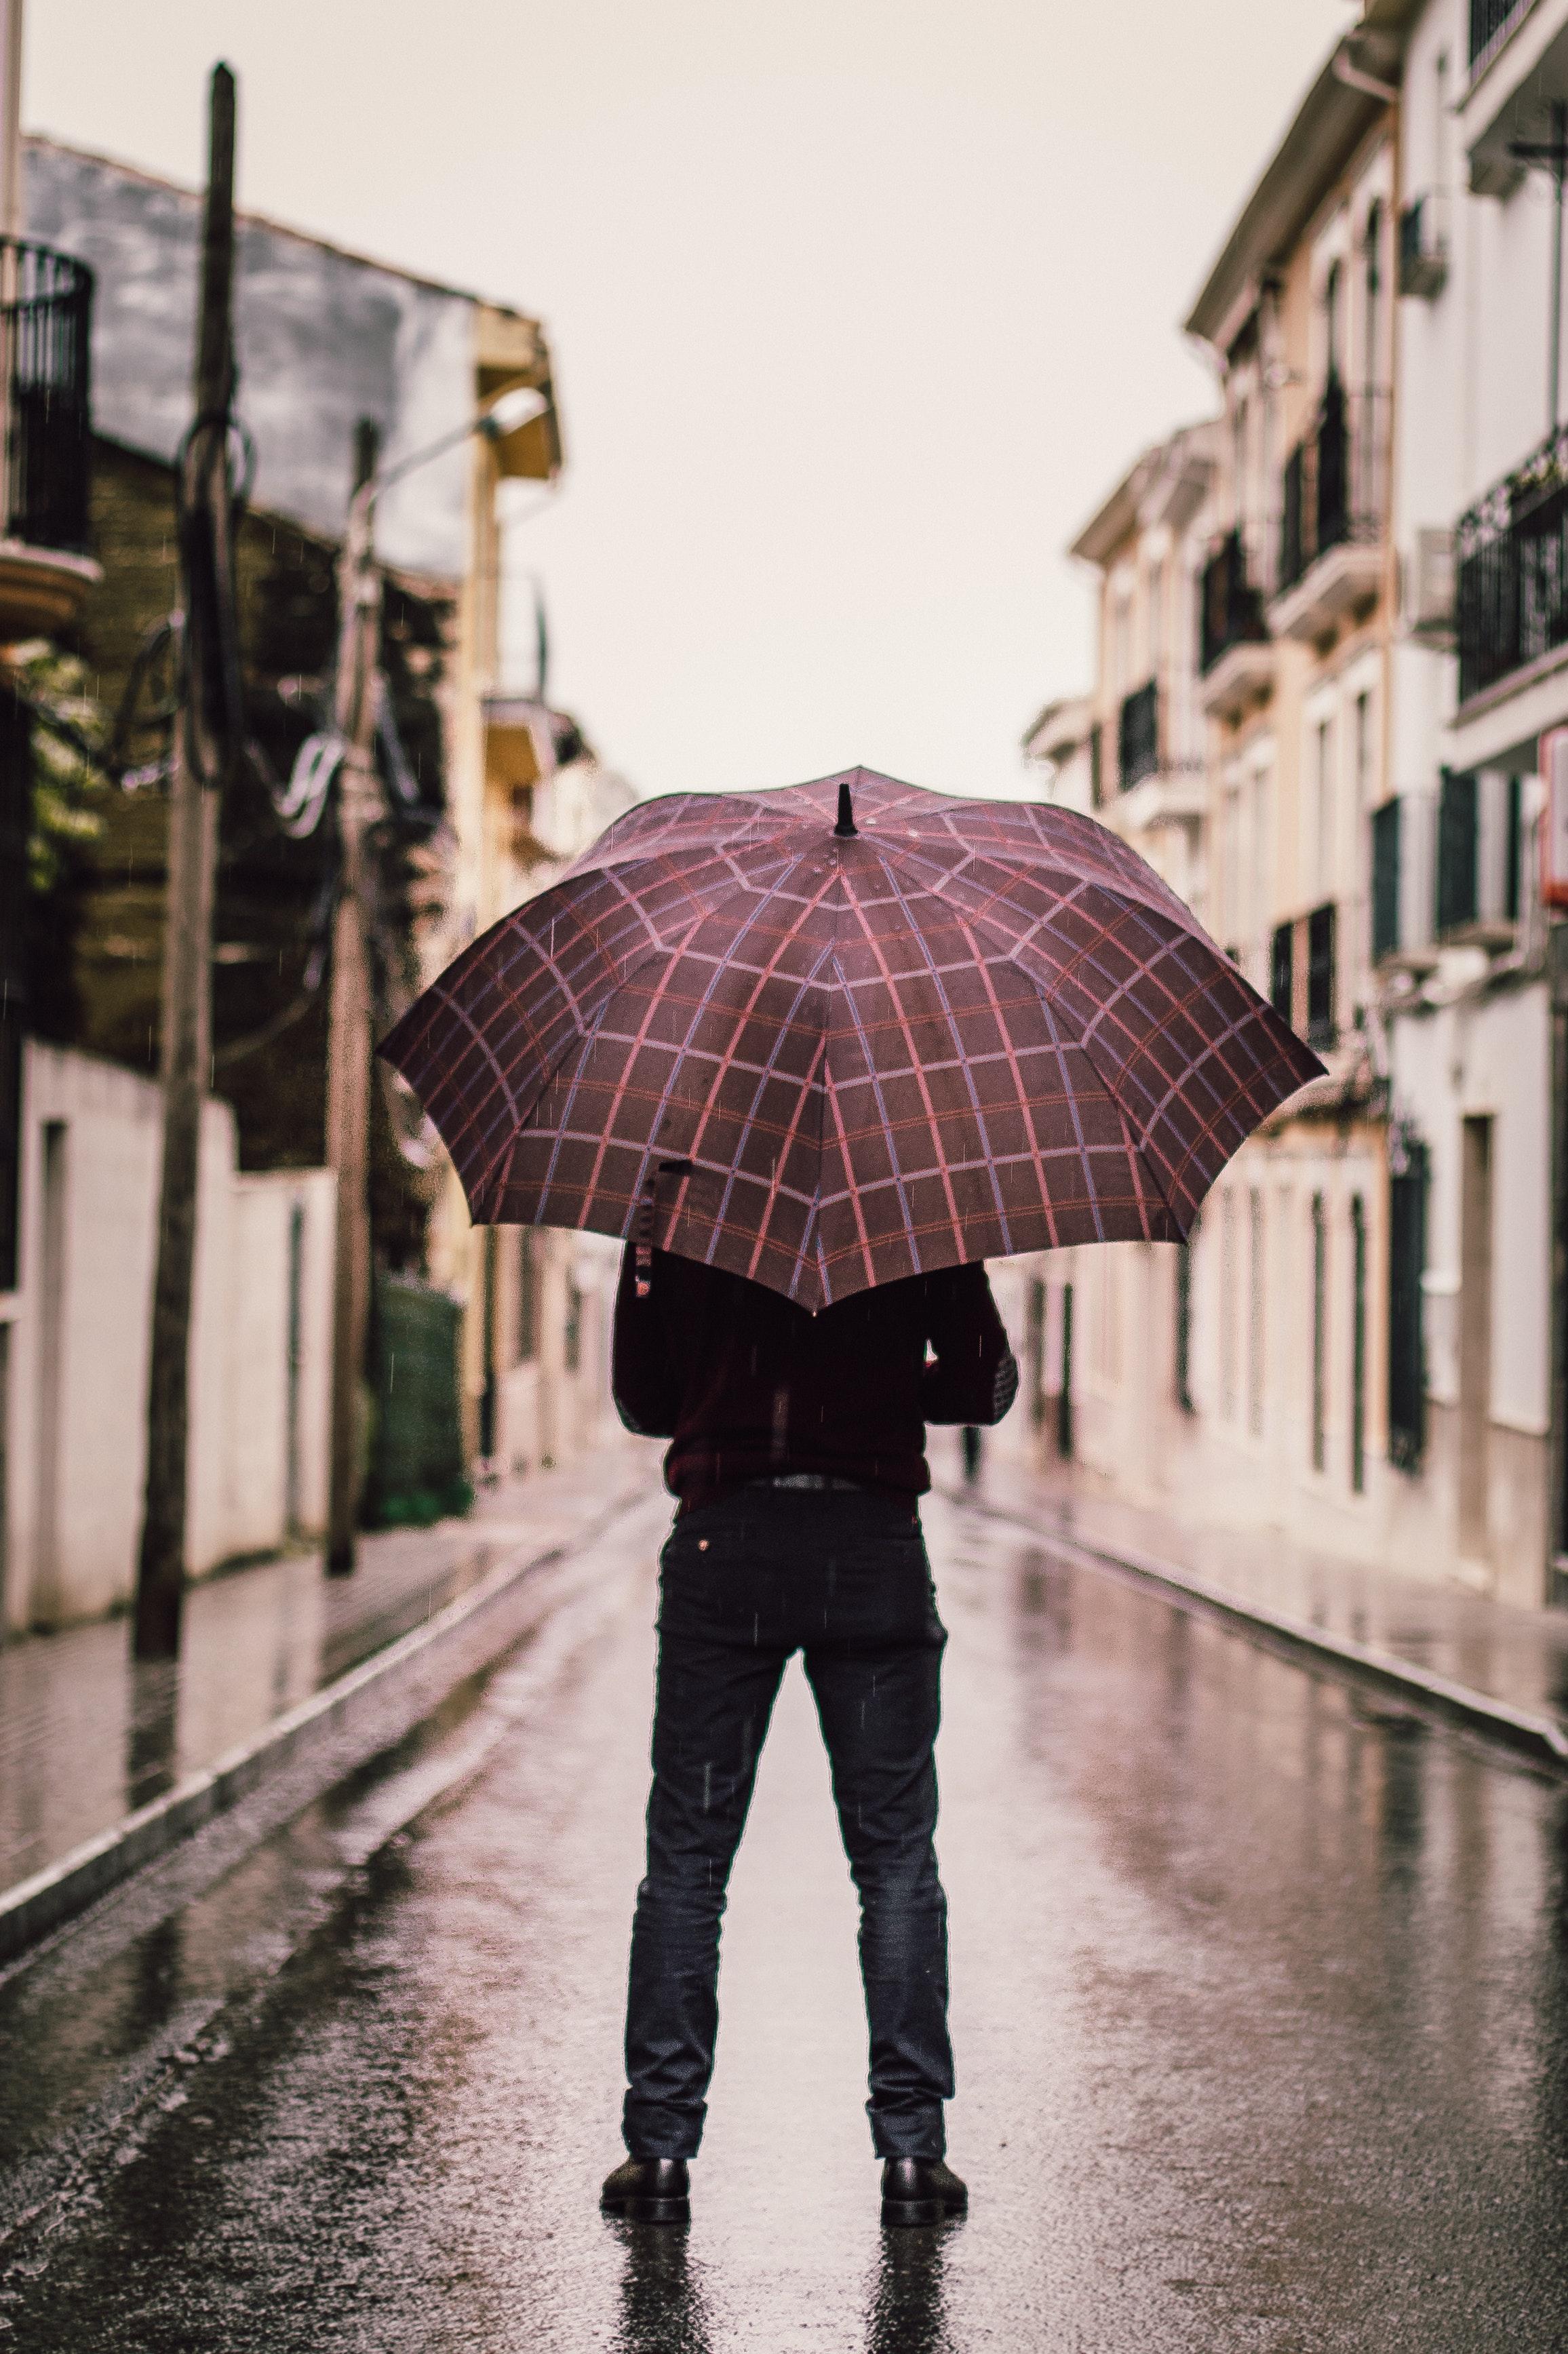 man-person-rain-1105534.jpg